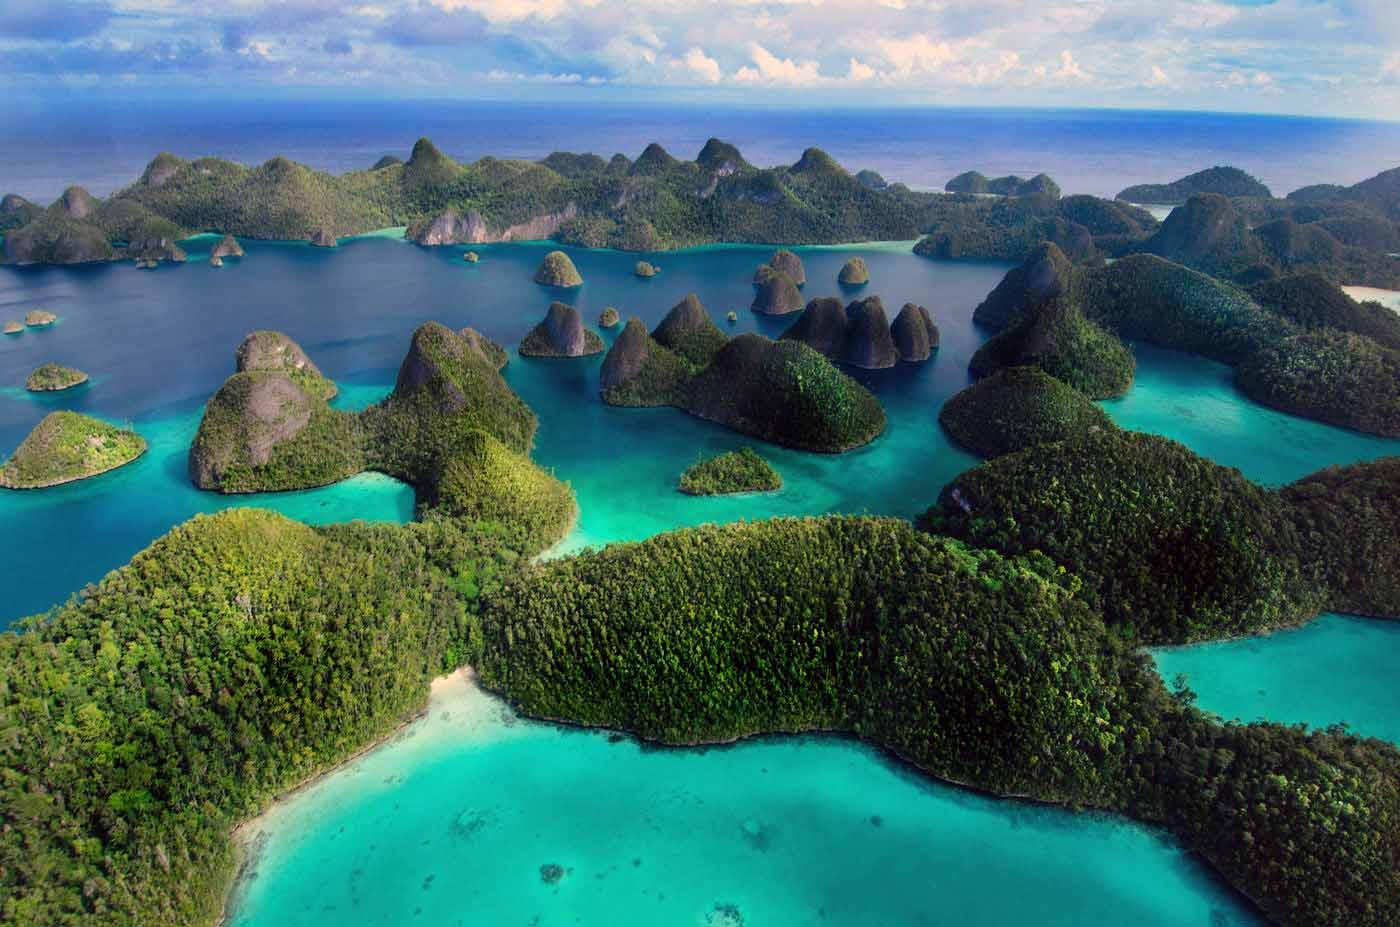 Индонезия: Раджа Ампат и другие острова